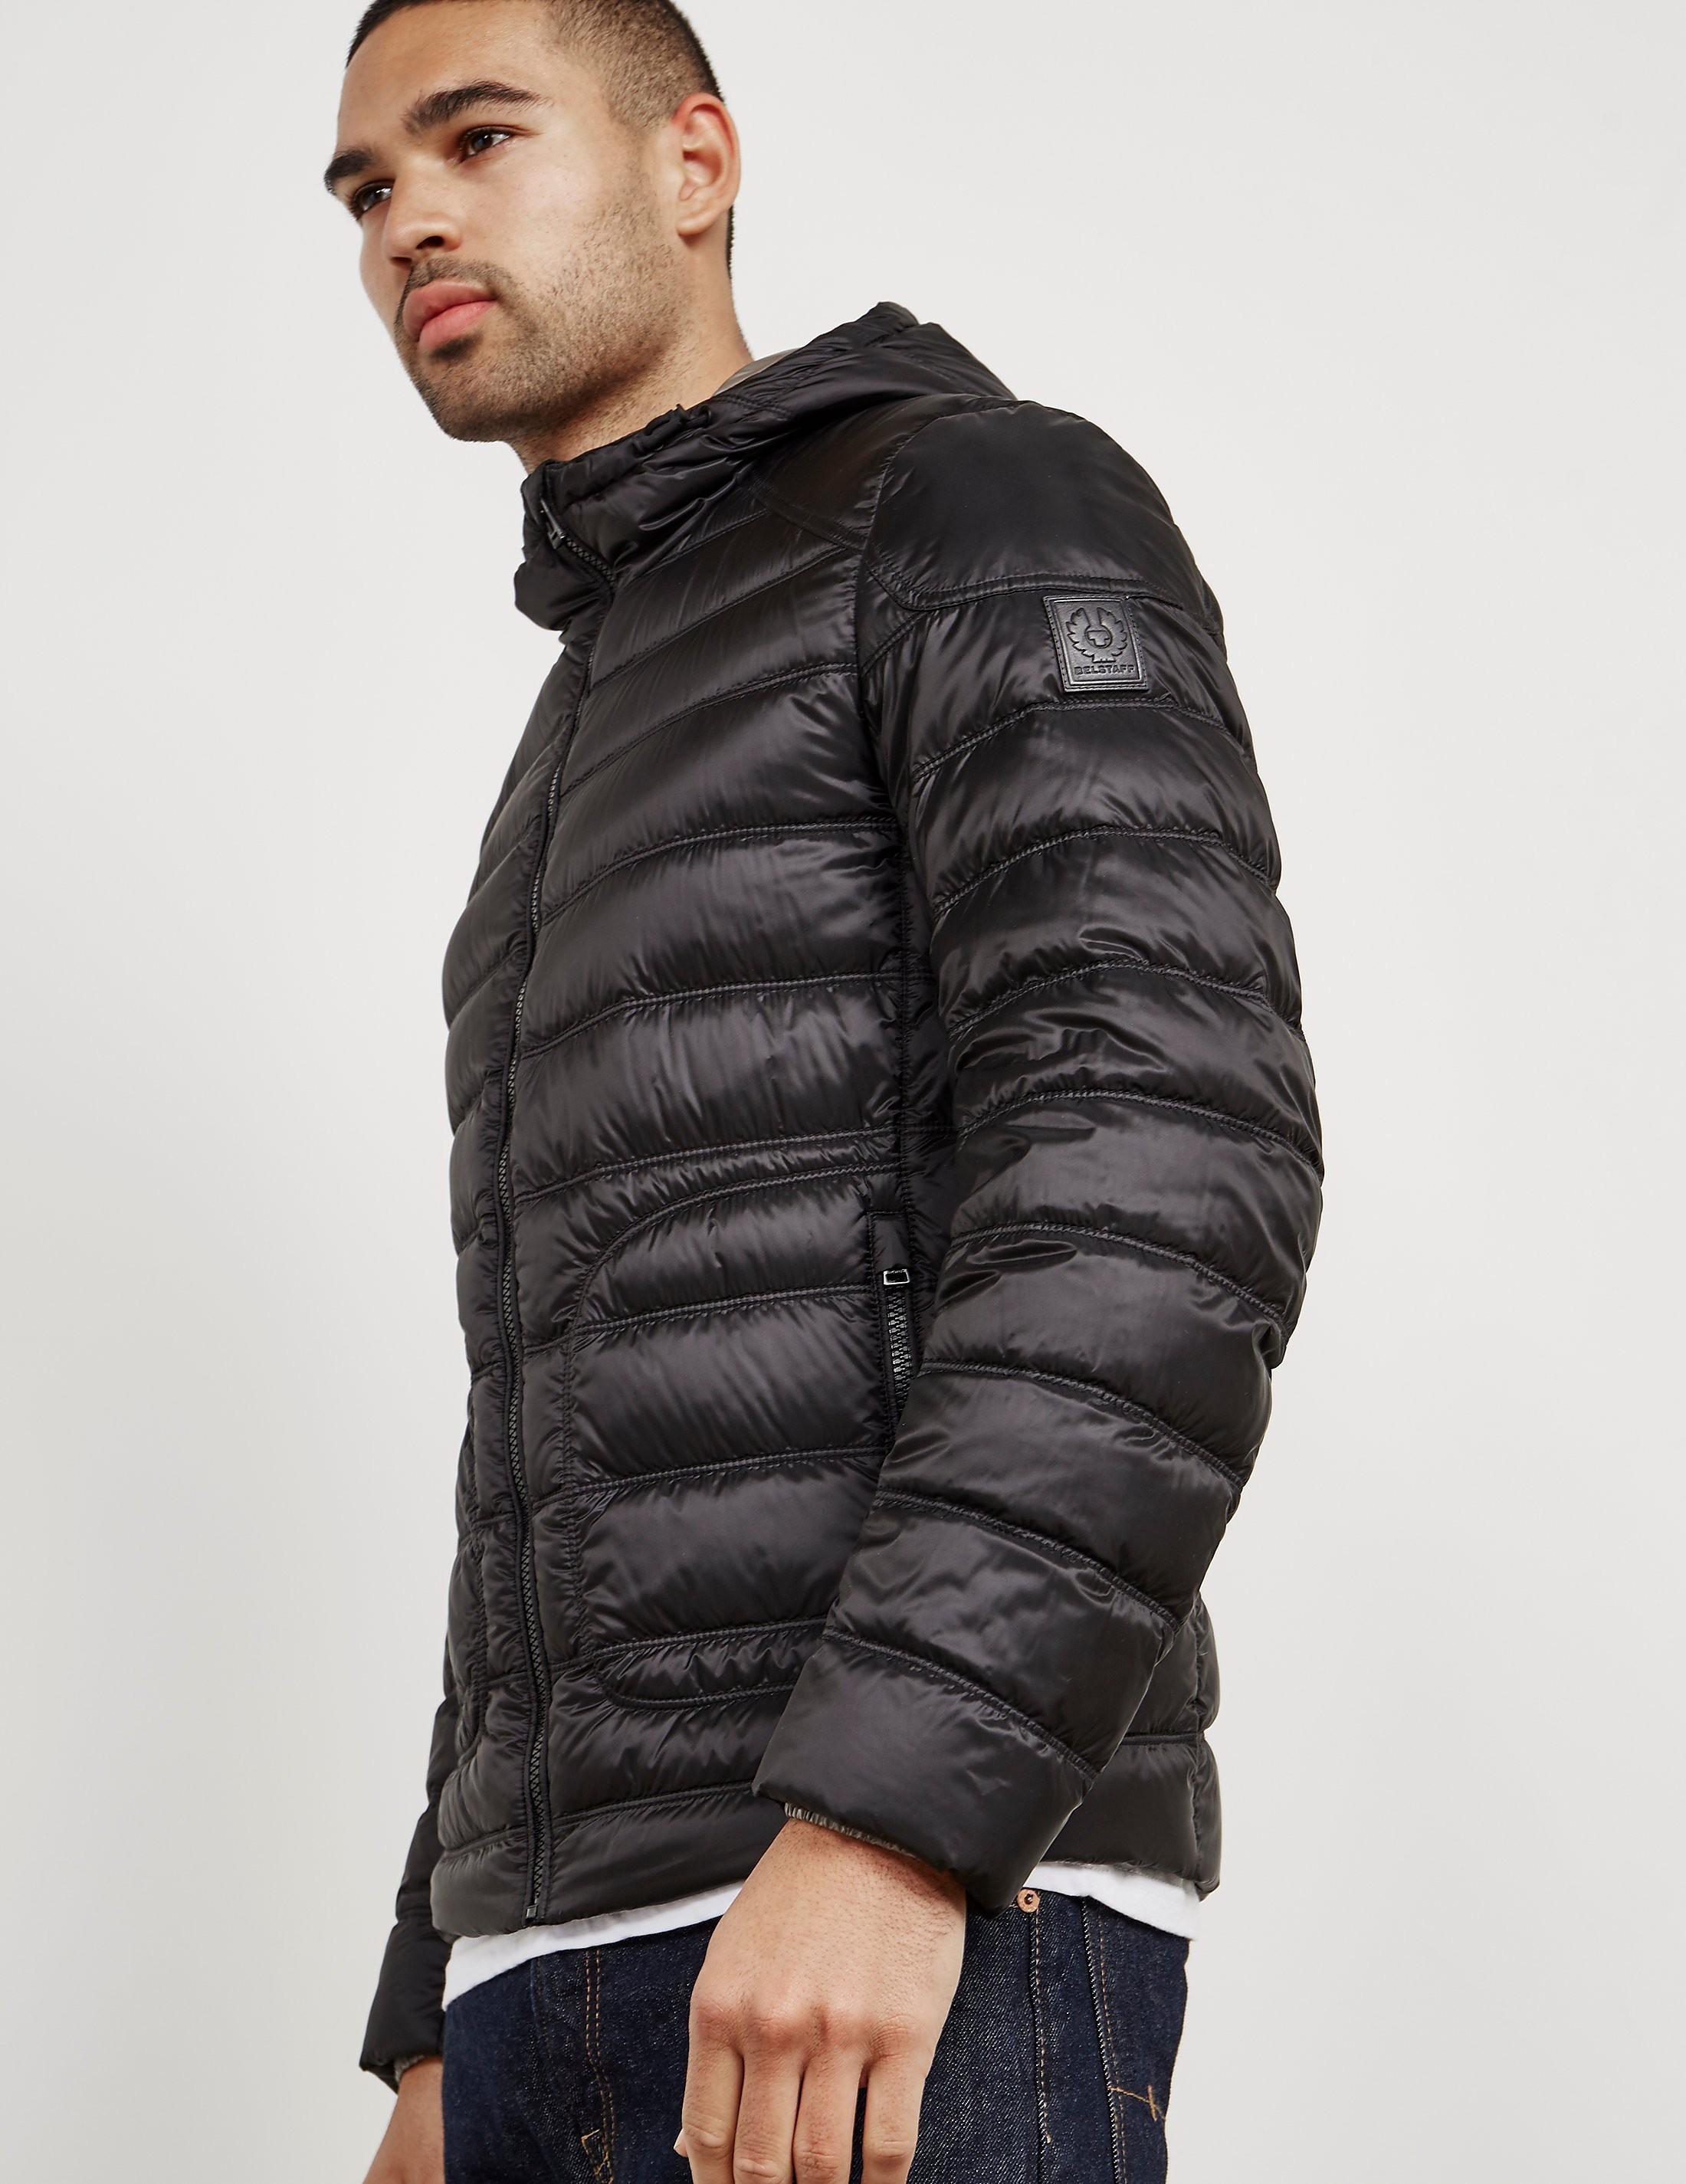 Belstaff Fullarton Jacket